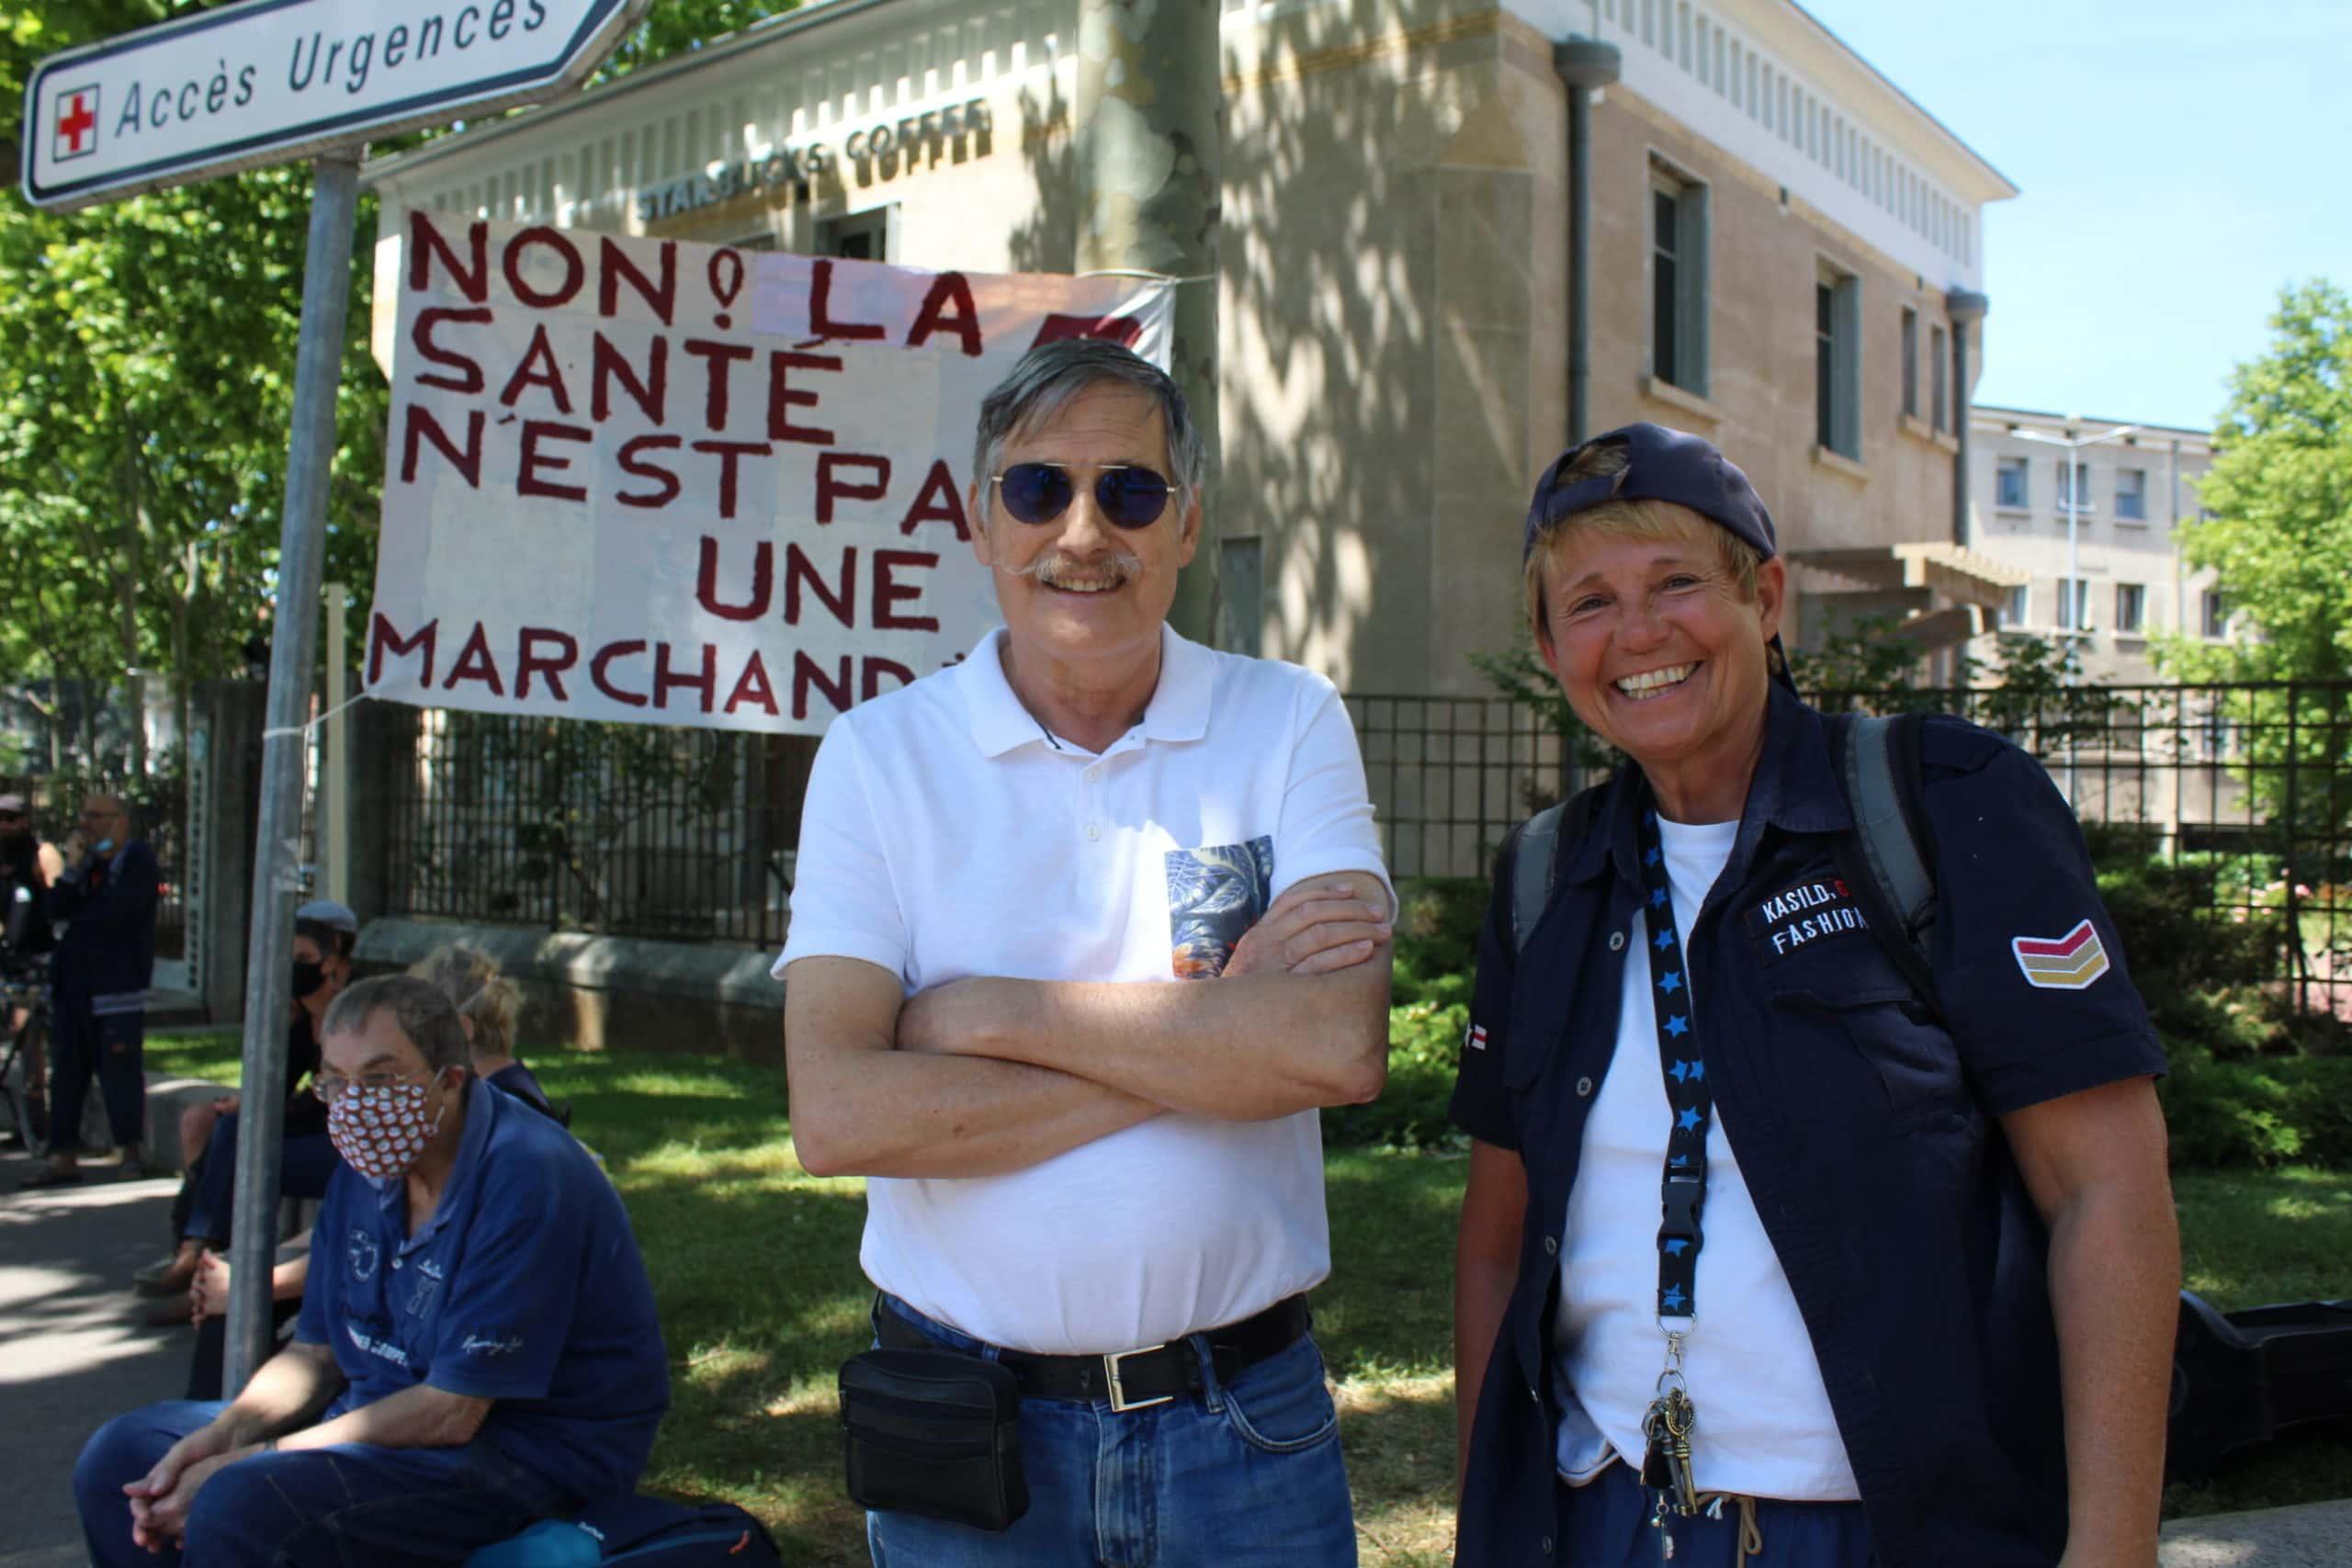 Brigitte et Jacques manifestaient pour soutenir le personnel hospitalier et avec eux, l'hôpital publique.<br /> © Canelle Corbel/ Rue89 Lyon